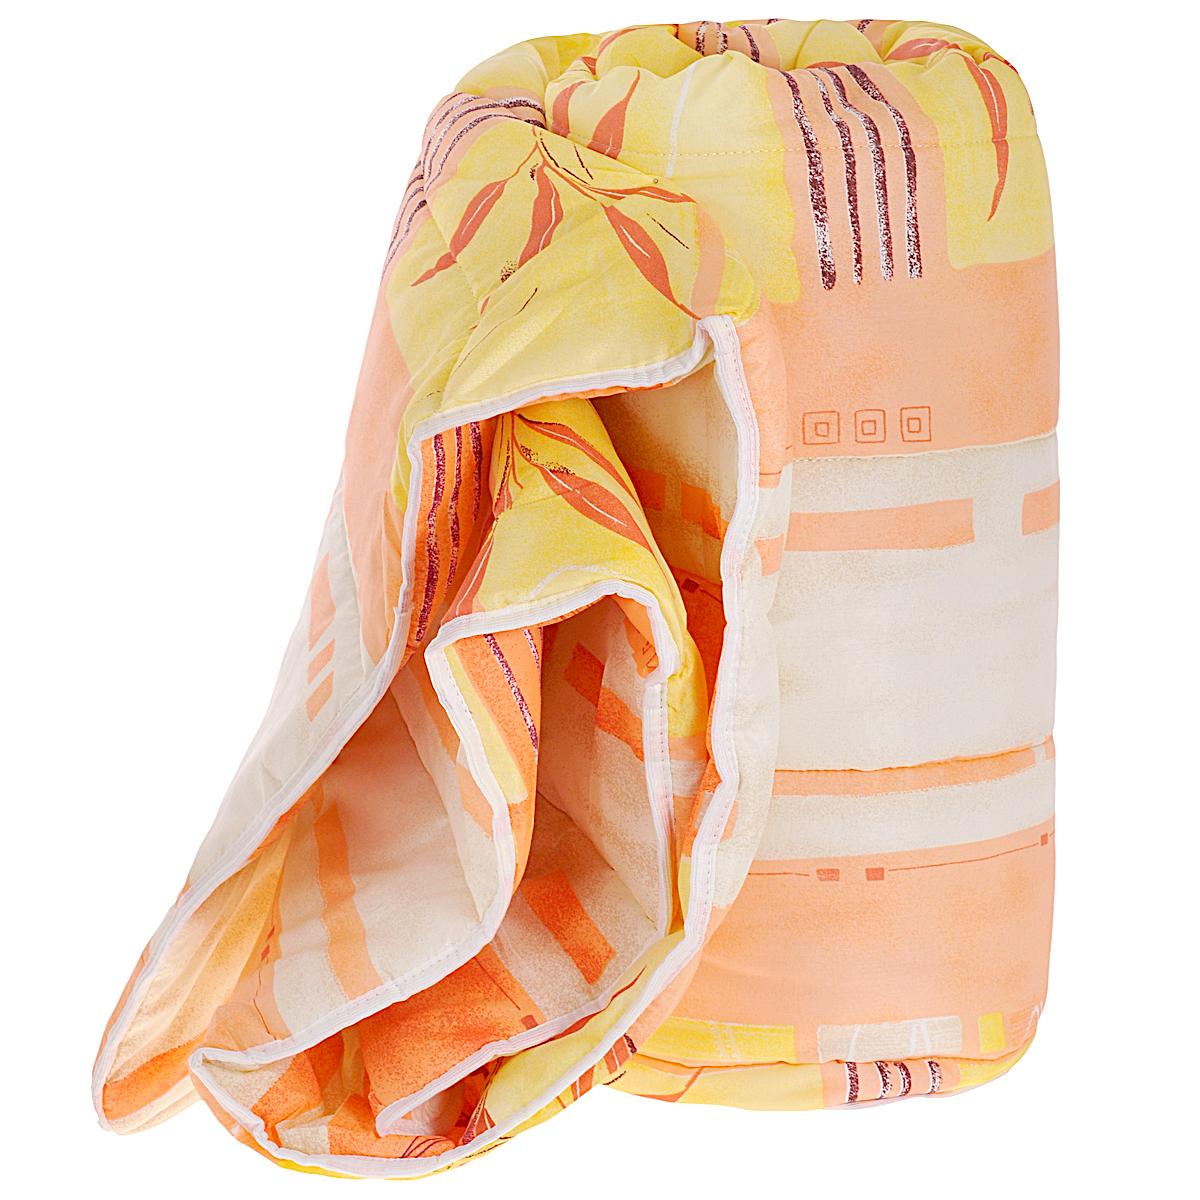 Одеяло всесезонное OL-Tex Miotex, наполнитель: полиэфирное волокно Holfiteks, цвет: желтый, оранжевый, 140 х 205 смМХПЭ-15-3Всесезонное одеяло OL-Tex Miotex создаст комфорт и уют во время сна. Стеганый чехол выполнен из полиэстера и оформлен красочным рисунком. Внутри - современный наполнитель из полиэфирного высокосиликонизированного волокна Holfiteks, упругий и качественный. Холфитекс - современный экологически чистый синтетический материал, изготовленный по новейшим технологиям. Его уникальность заключается в расположении волокон, которые позволяют моментально восстанавливать форму и сохранять ее долгое время. Изделия с использованием Холфитекса очень удобны в эксплуатации - их можно часто стирать без потери потребительских свойств, они быстро высыхают, не впитывают запахов и совершенно гиппоаллергенны. Холфитекс также обеспечивает хорошую терморегуляцию, поэтому изделия с наполнителем из холфитекса очень комфортны в использовании. Одеяло с современным упругим наполнителем Холфитекс порадует вас в любое время года. Оно комфортно согревает и создает отличный микроклимат. За одеялом легко...